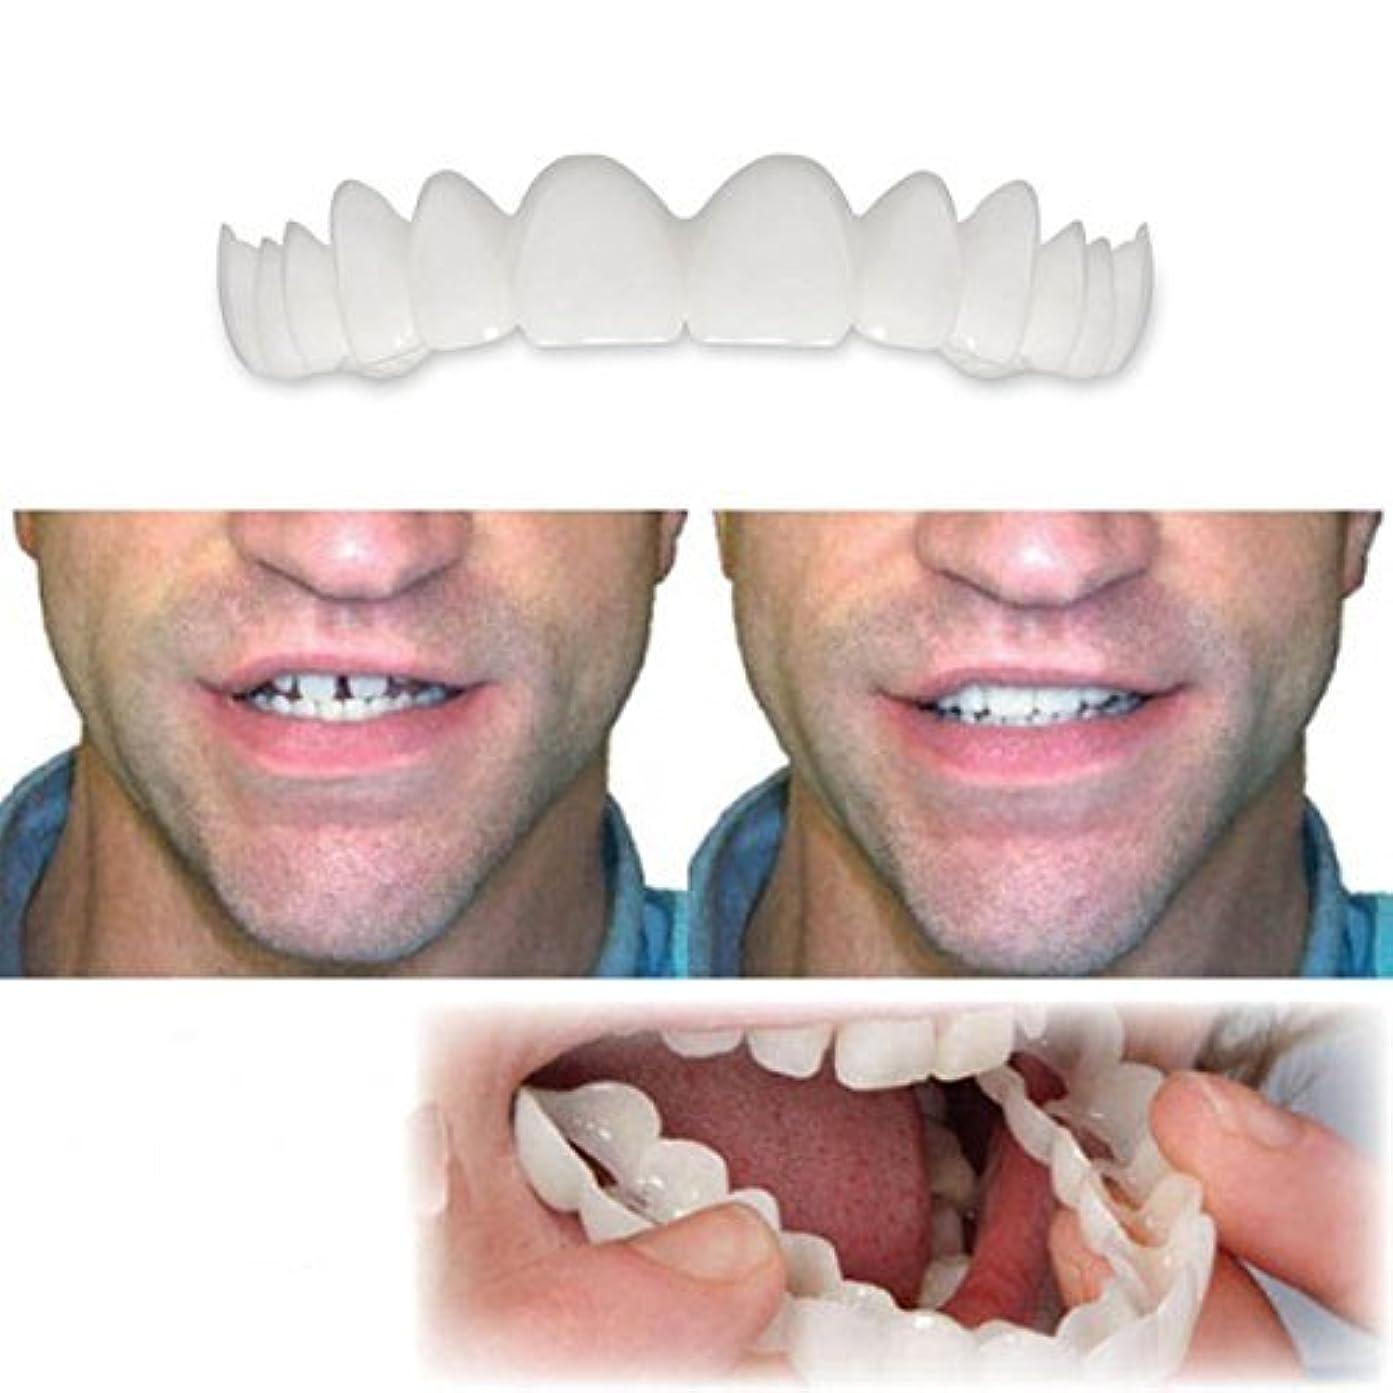 構想する雑草麻酔薬義歯上下義歯インスタントスマイルコンフォートフィットフレックスコスメティックティーストップ化粧品突き合わせ箱入り(下+上),2Pairs